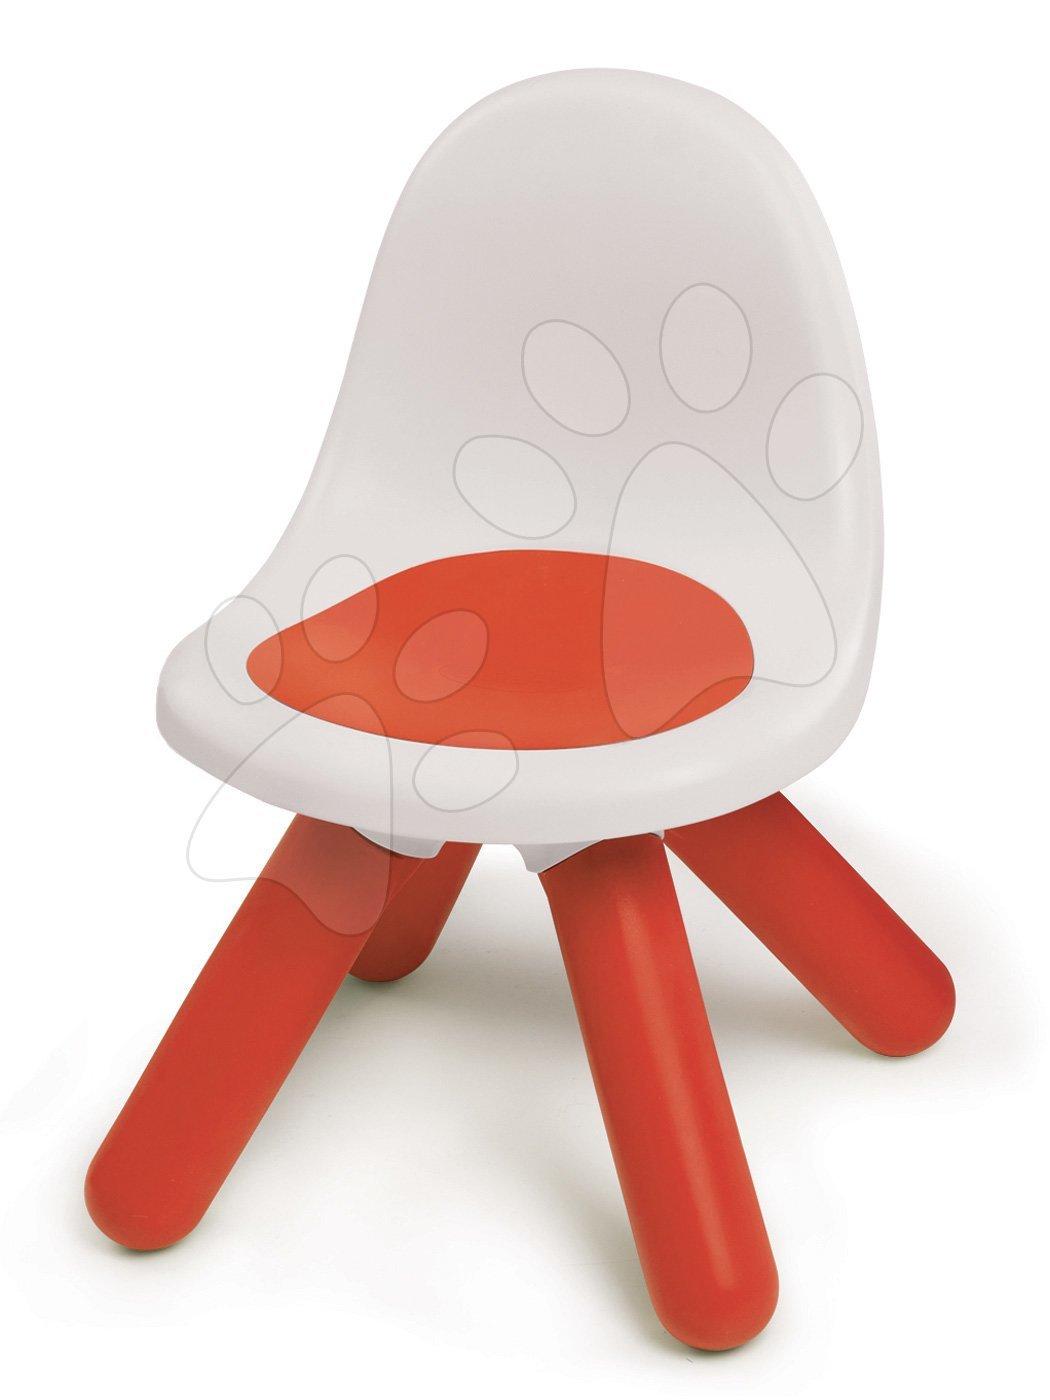 Židle KidChair Smoby s UV filtrem výška 27 cm červená od 18 měsíců